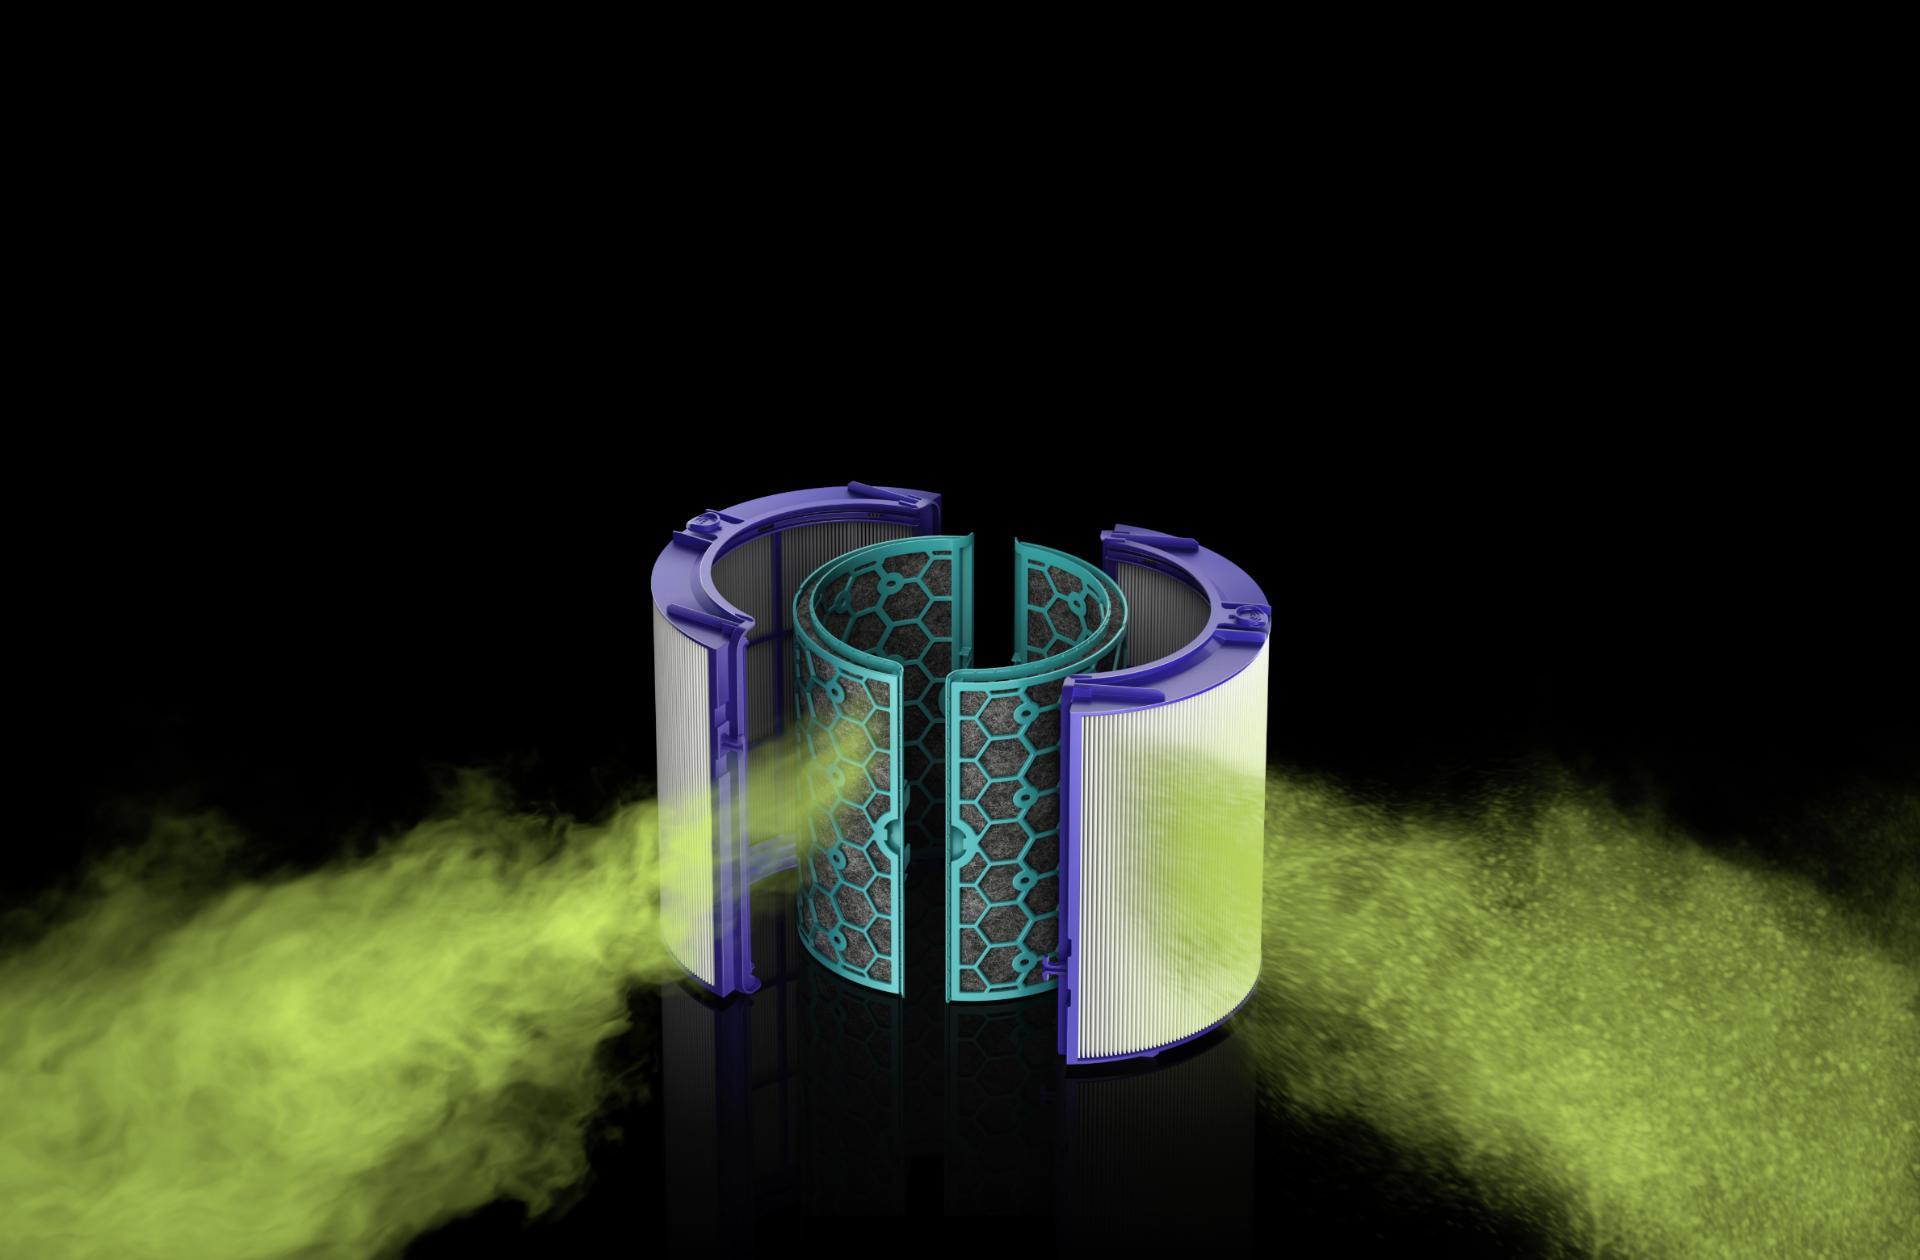 Zararlı gazların girişini gösteren filtre